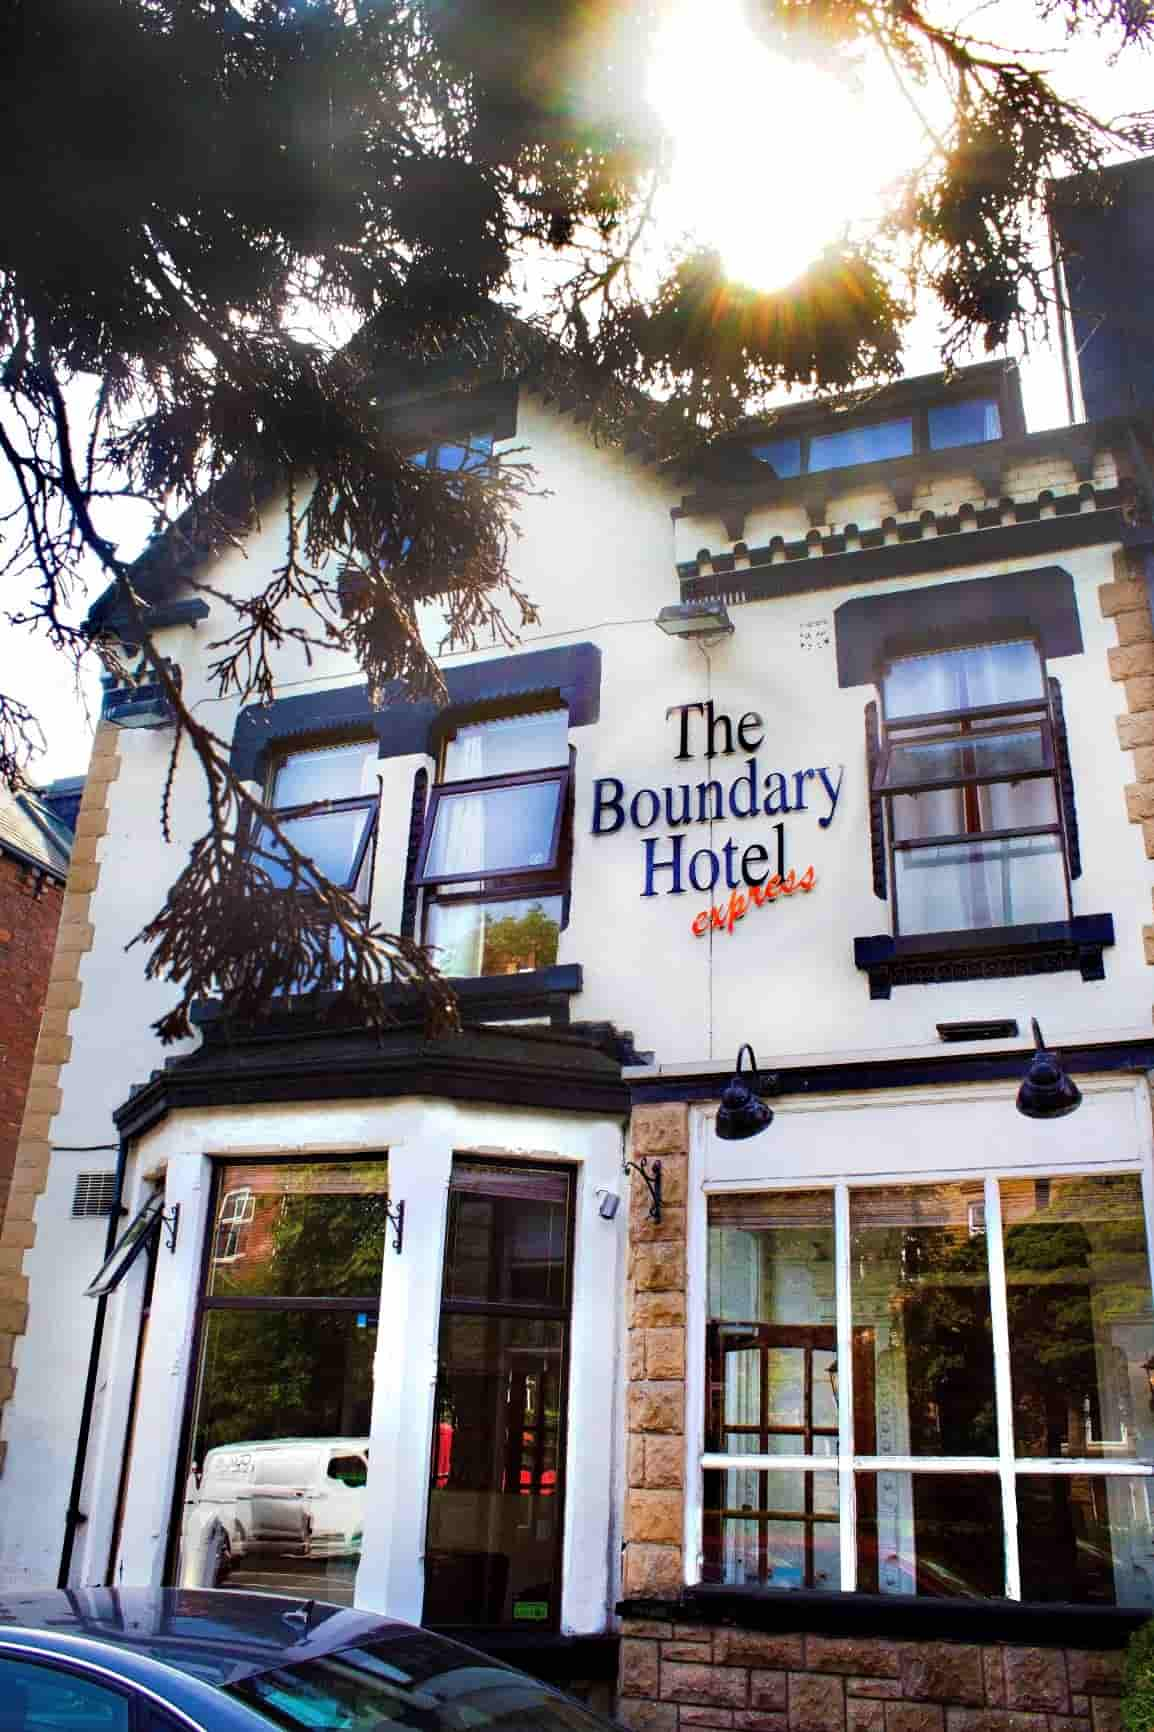 the boundary hotel headingley, leeds